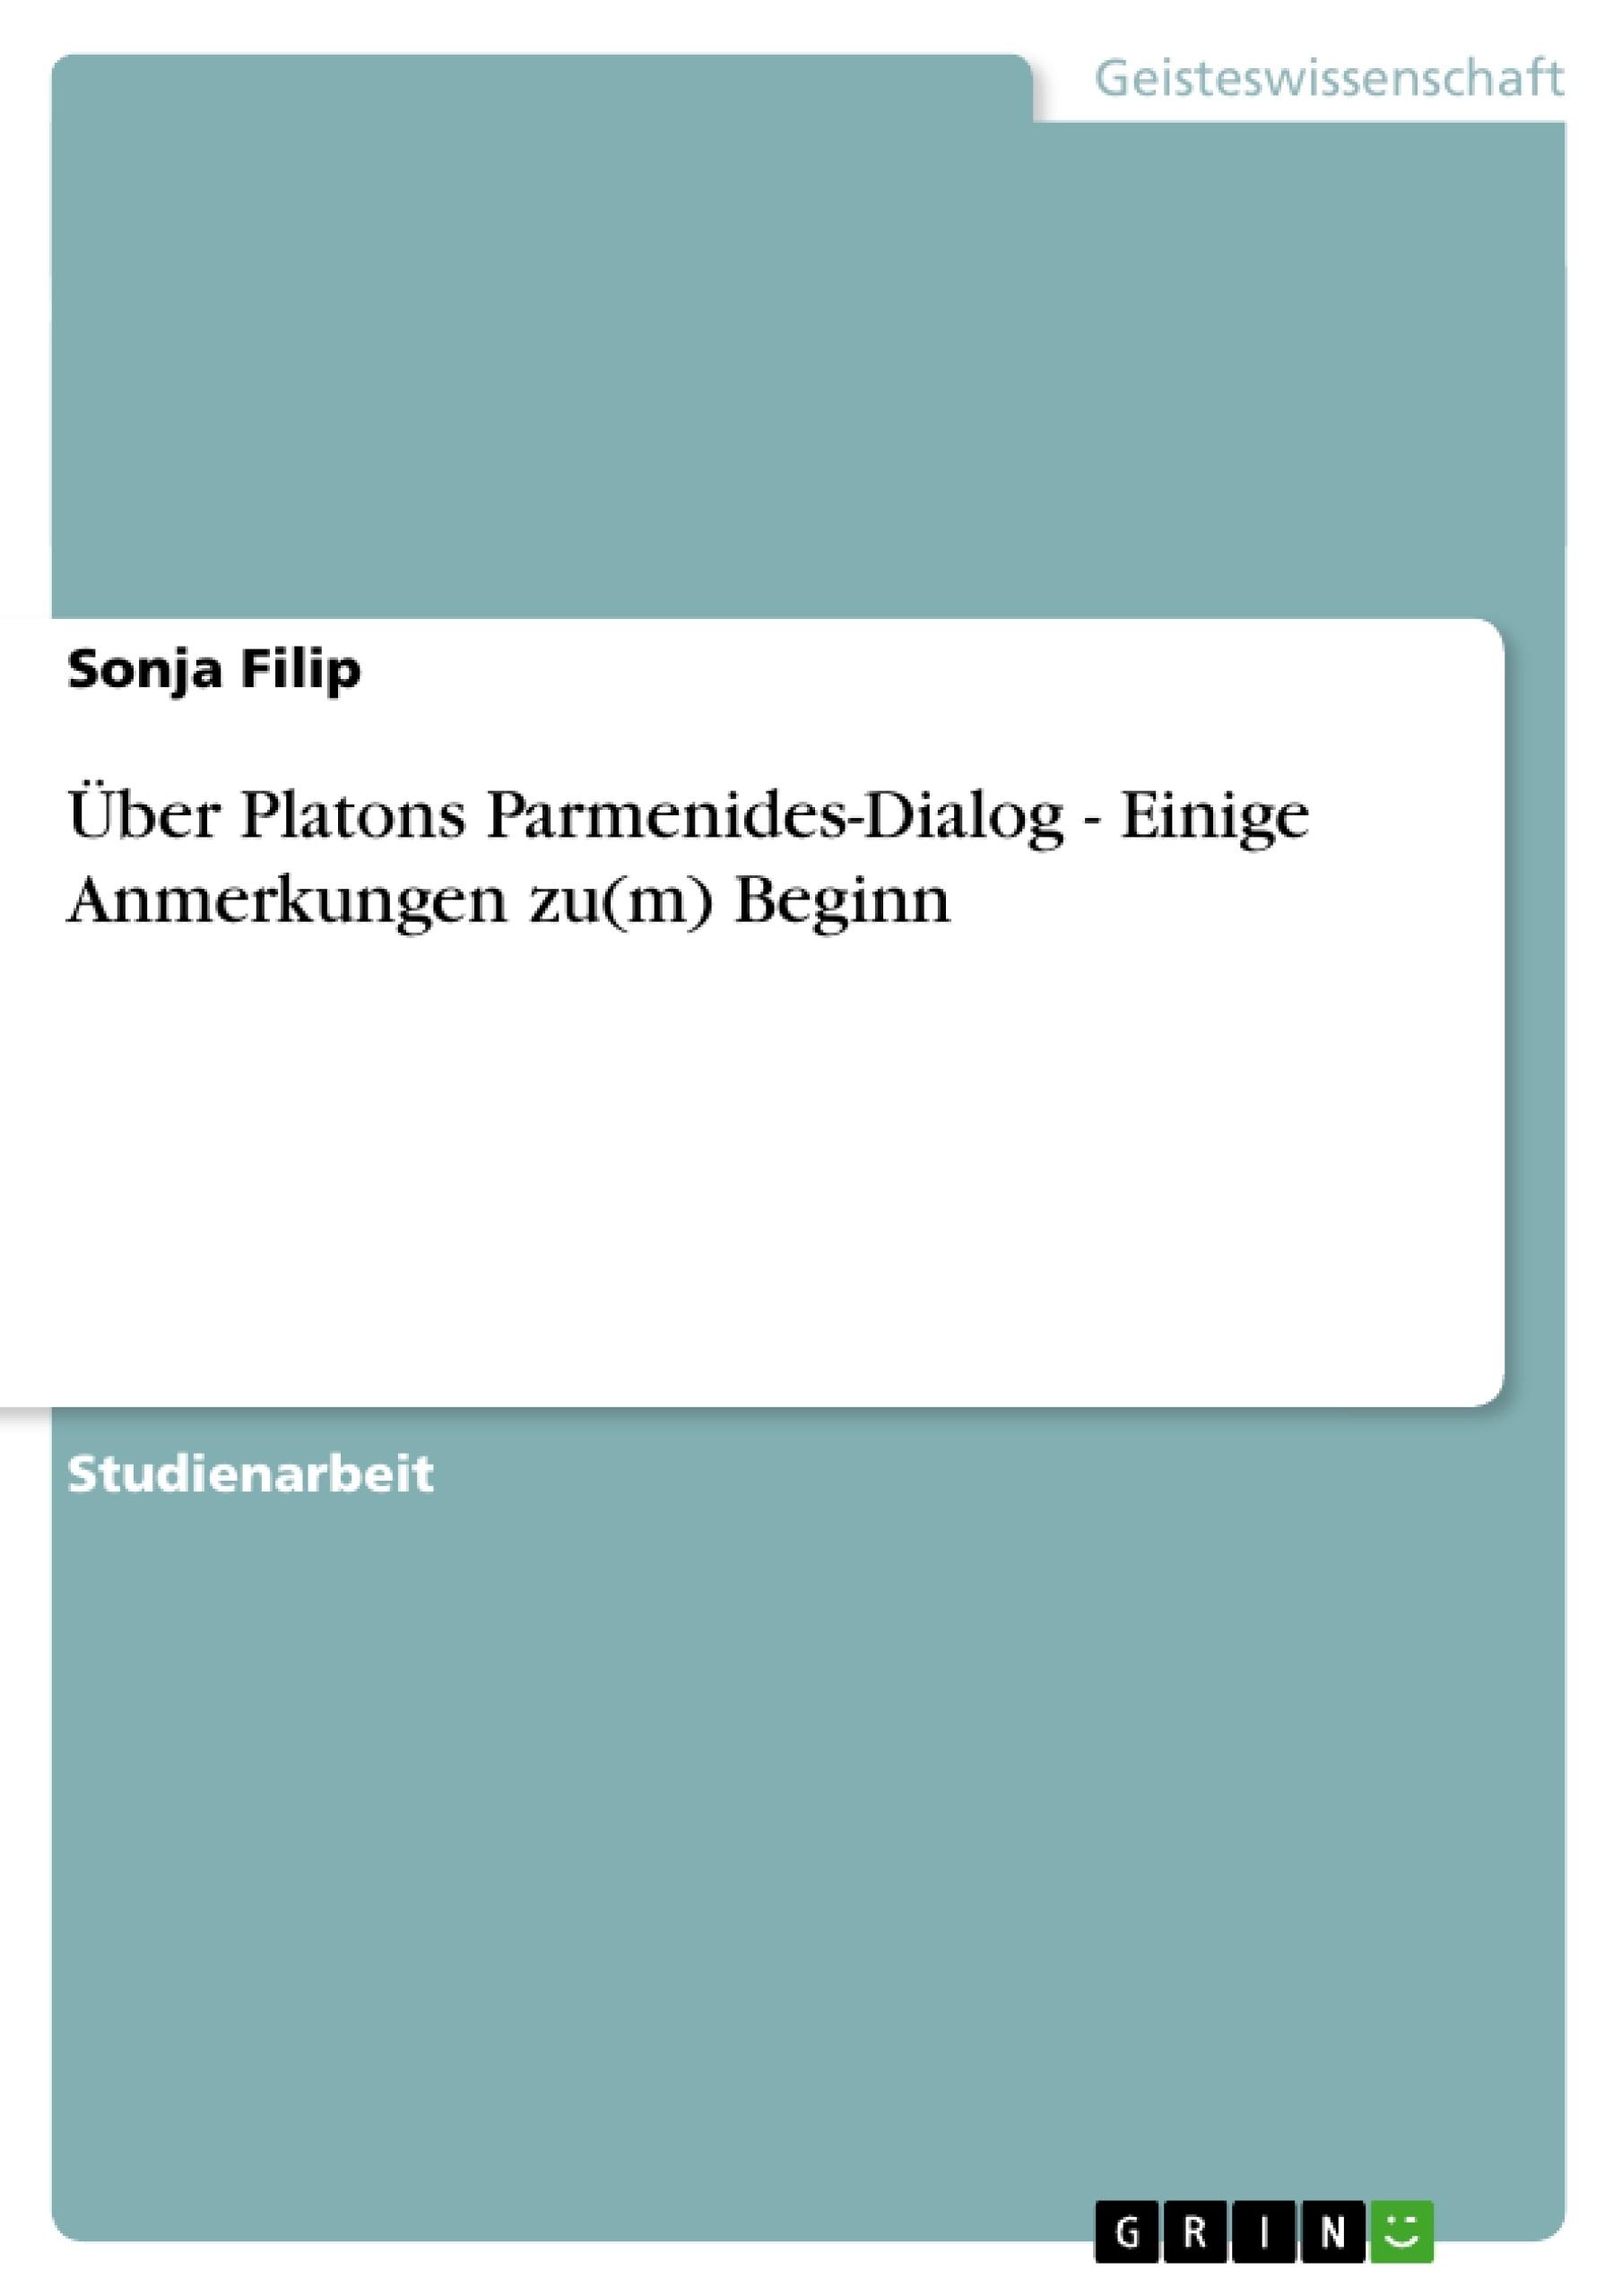 Titel: Über Platons Parmenides-Dialog - Einige Anmerkungen zu(m) Beginn